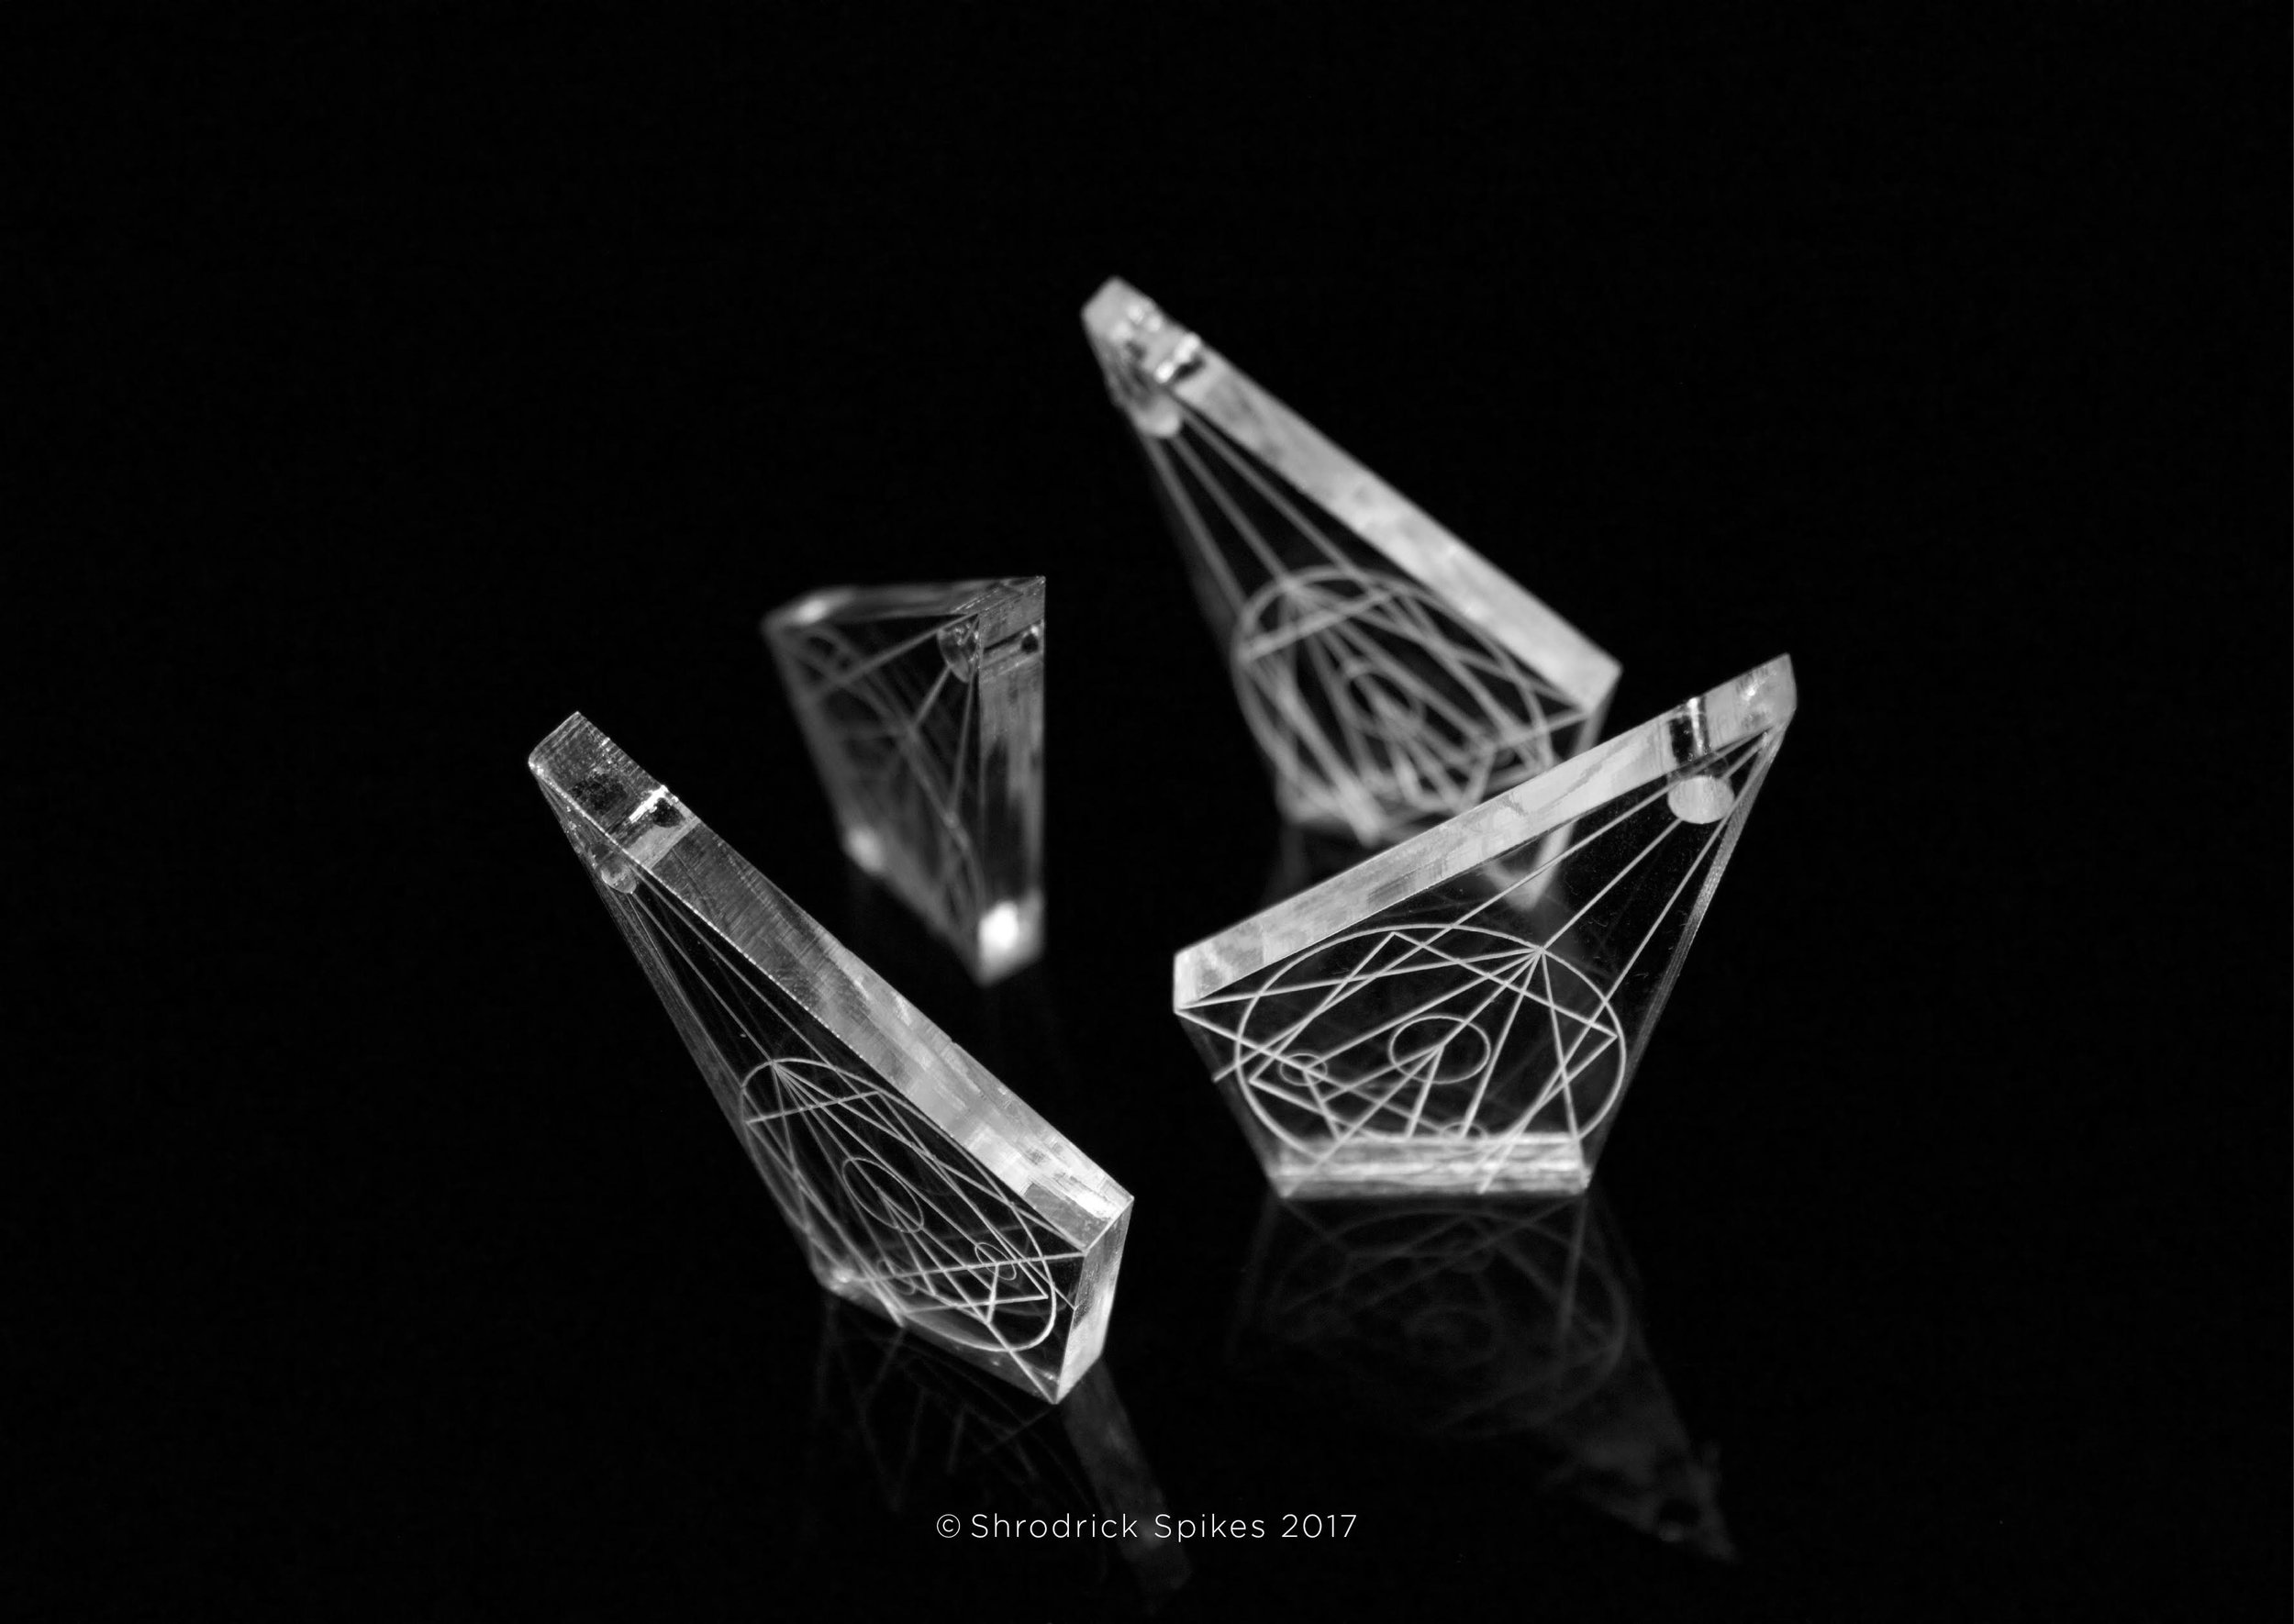 Shrodrick Spikes Accessories